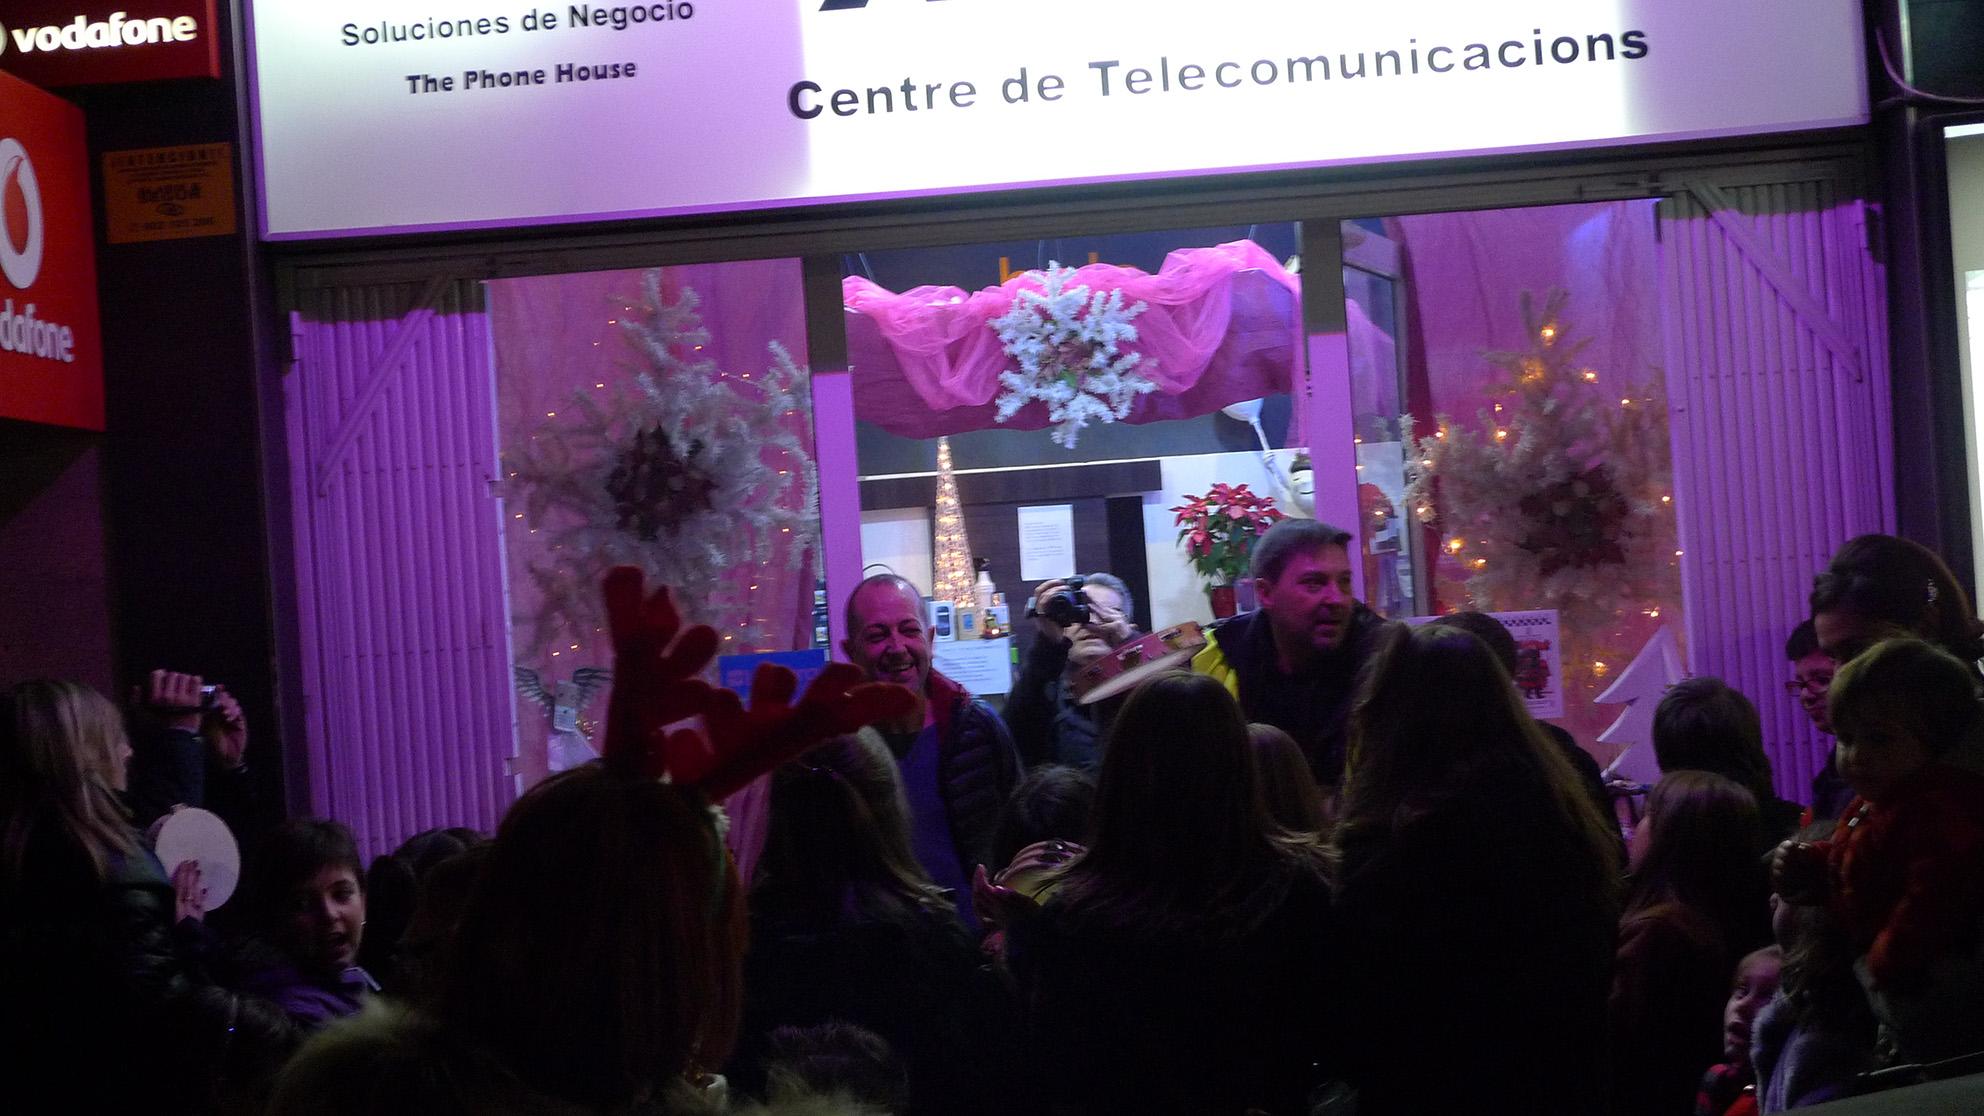 2014-12-24 Menuts de Baladre -AsguilandoMuro (38)